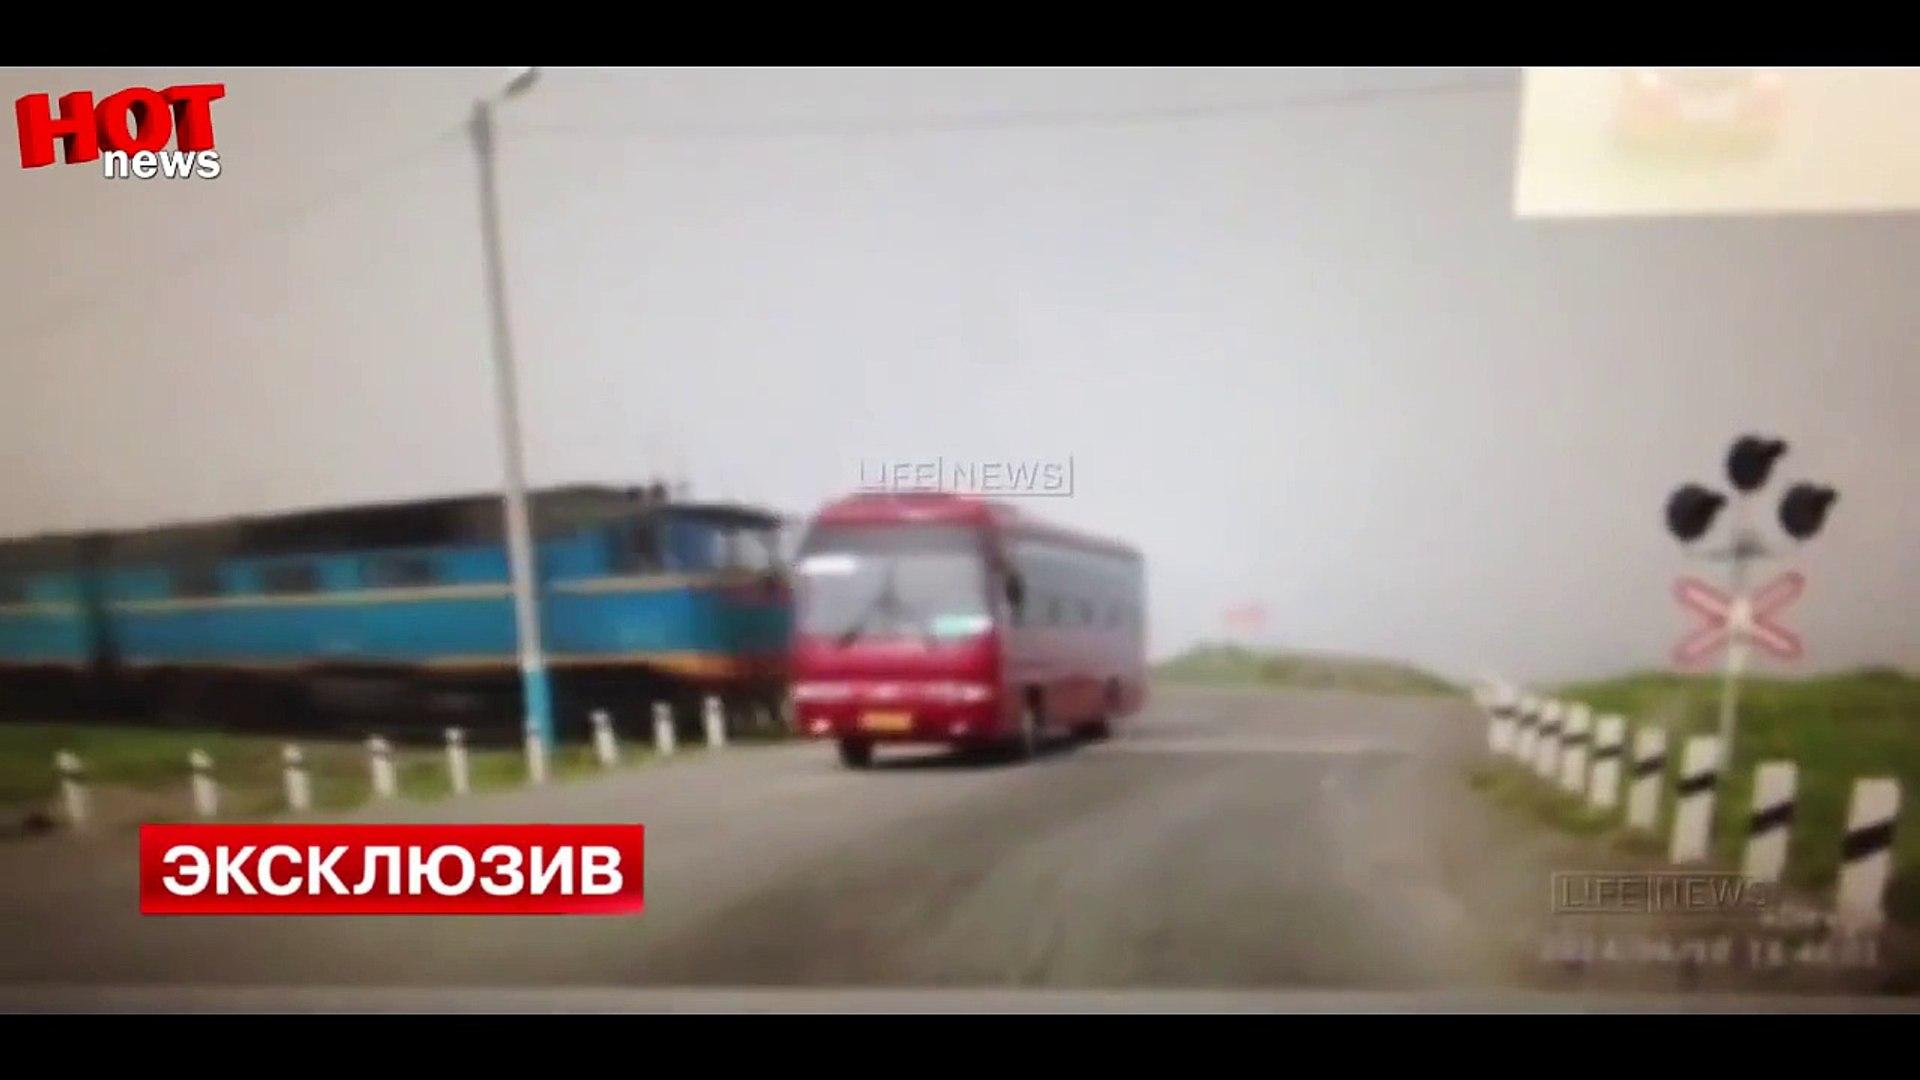 Россия.Жуткая авария на Сахалине!5 трупов,поезд протаранил пассажирский автобус.Видео